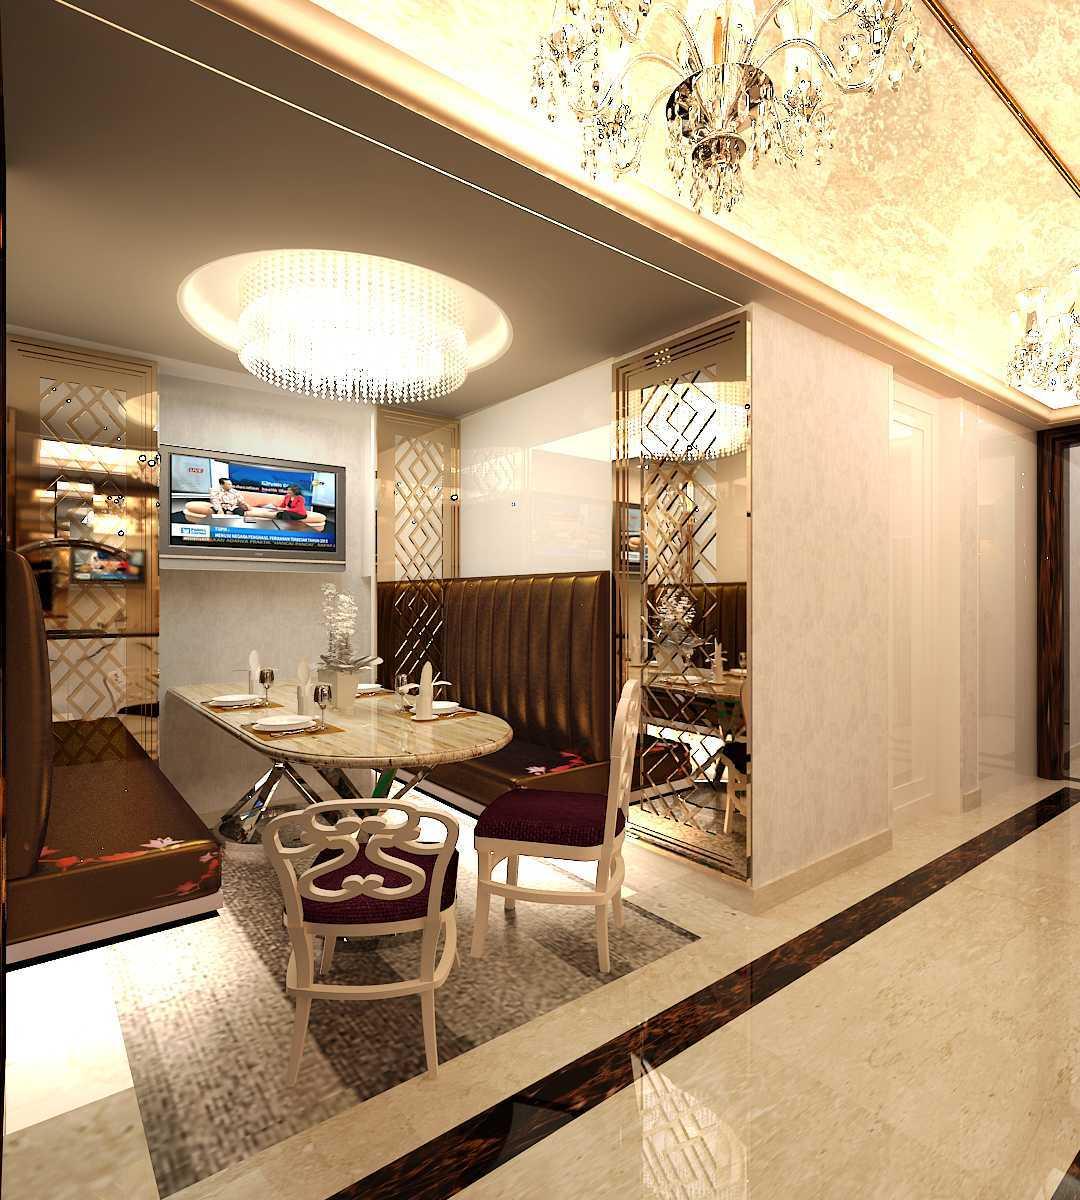 Alradistadesign Senopati Penthouse, Jakarta Senopati Jakarta Senopati Jakarta Pantry  12889